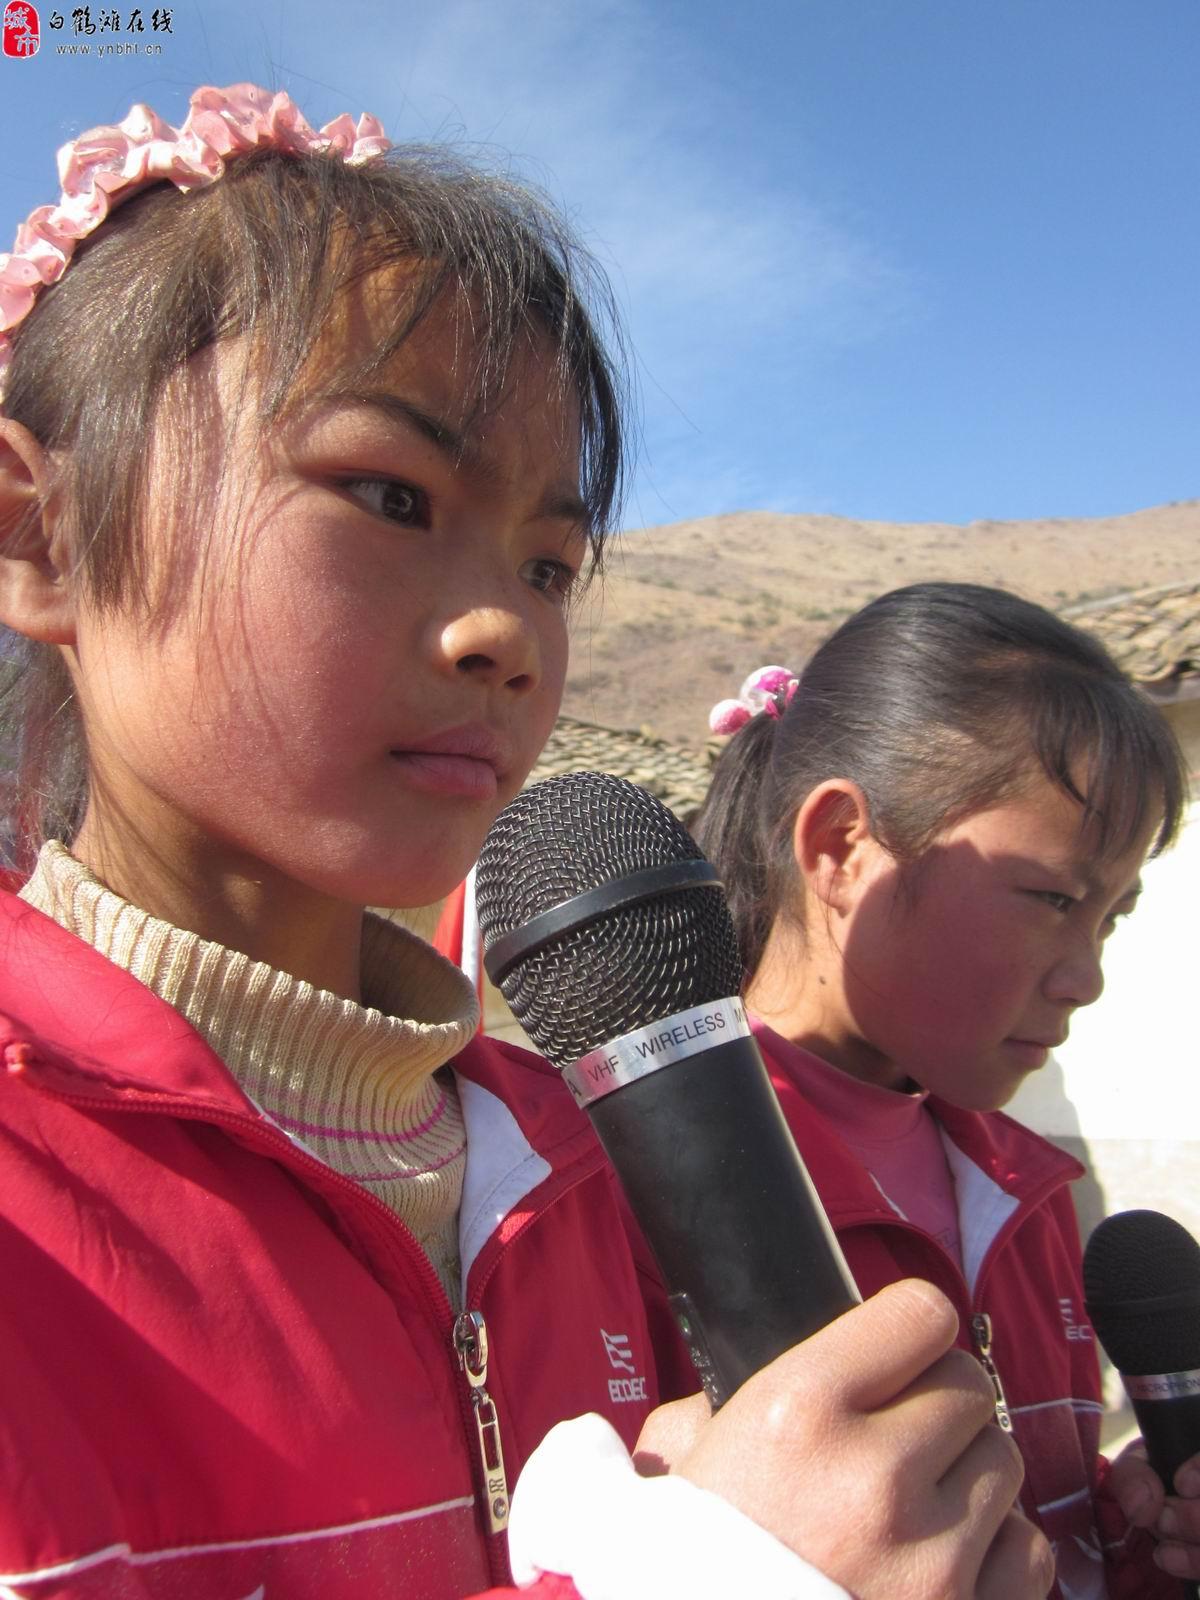 农村孩子们可爱的笑脸论坛图片